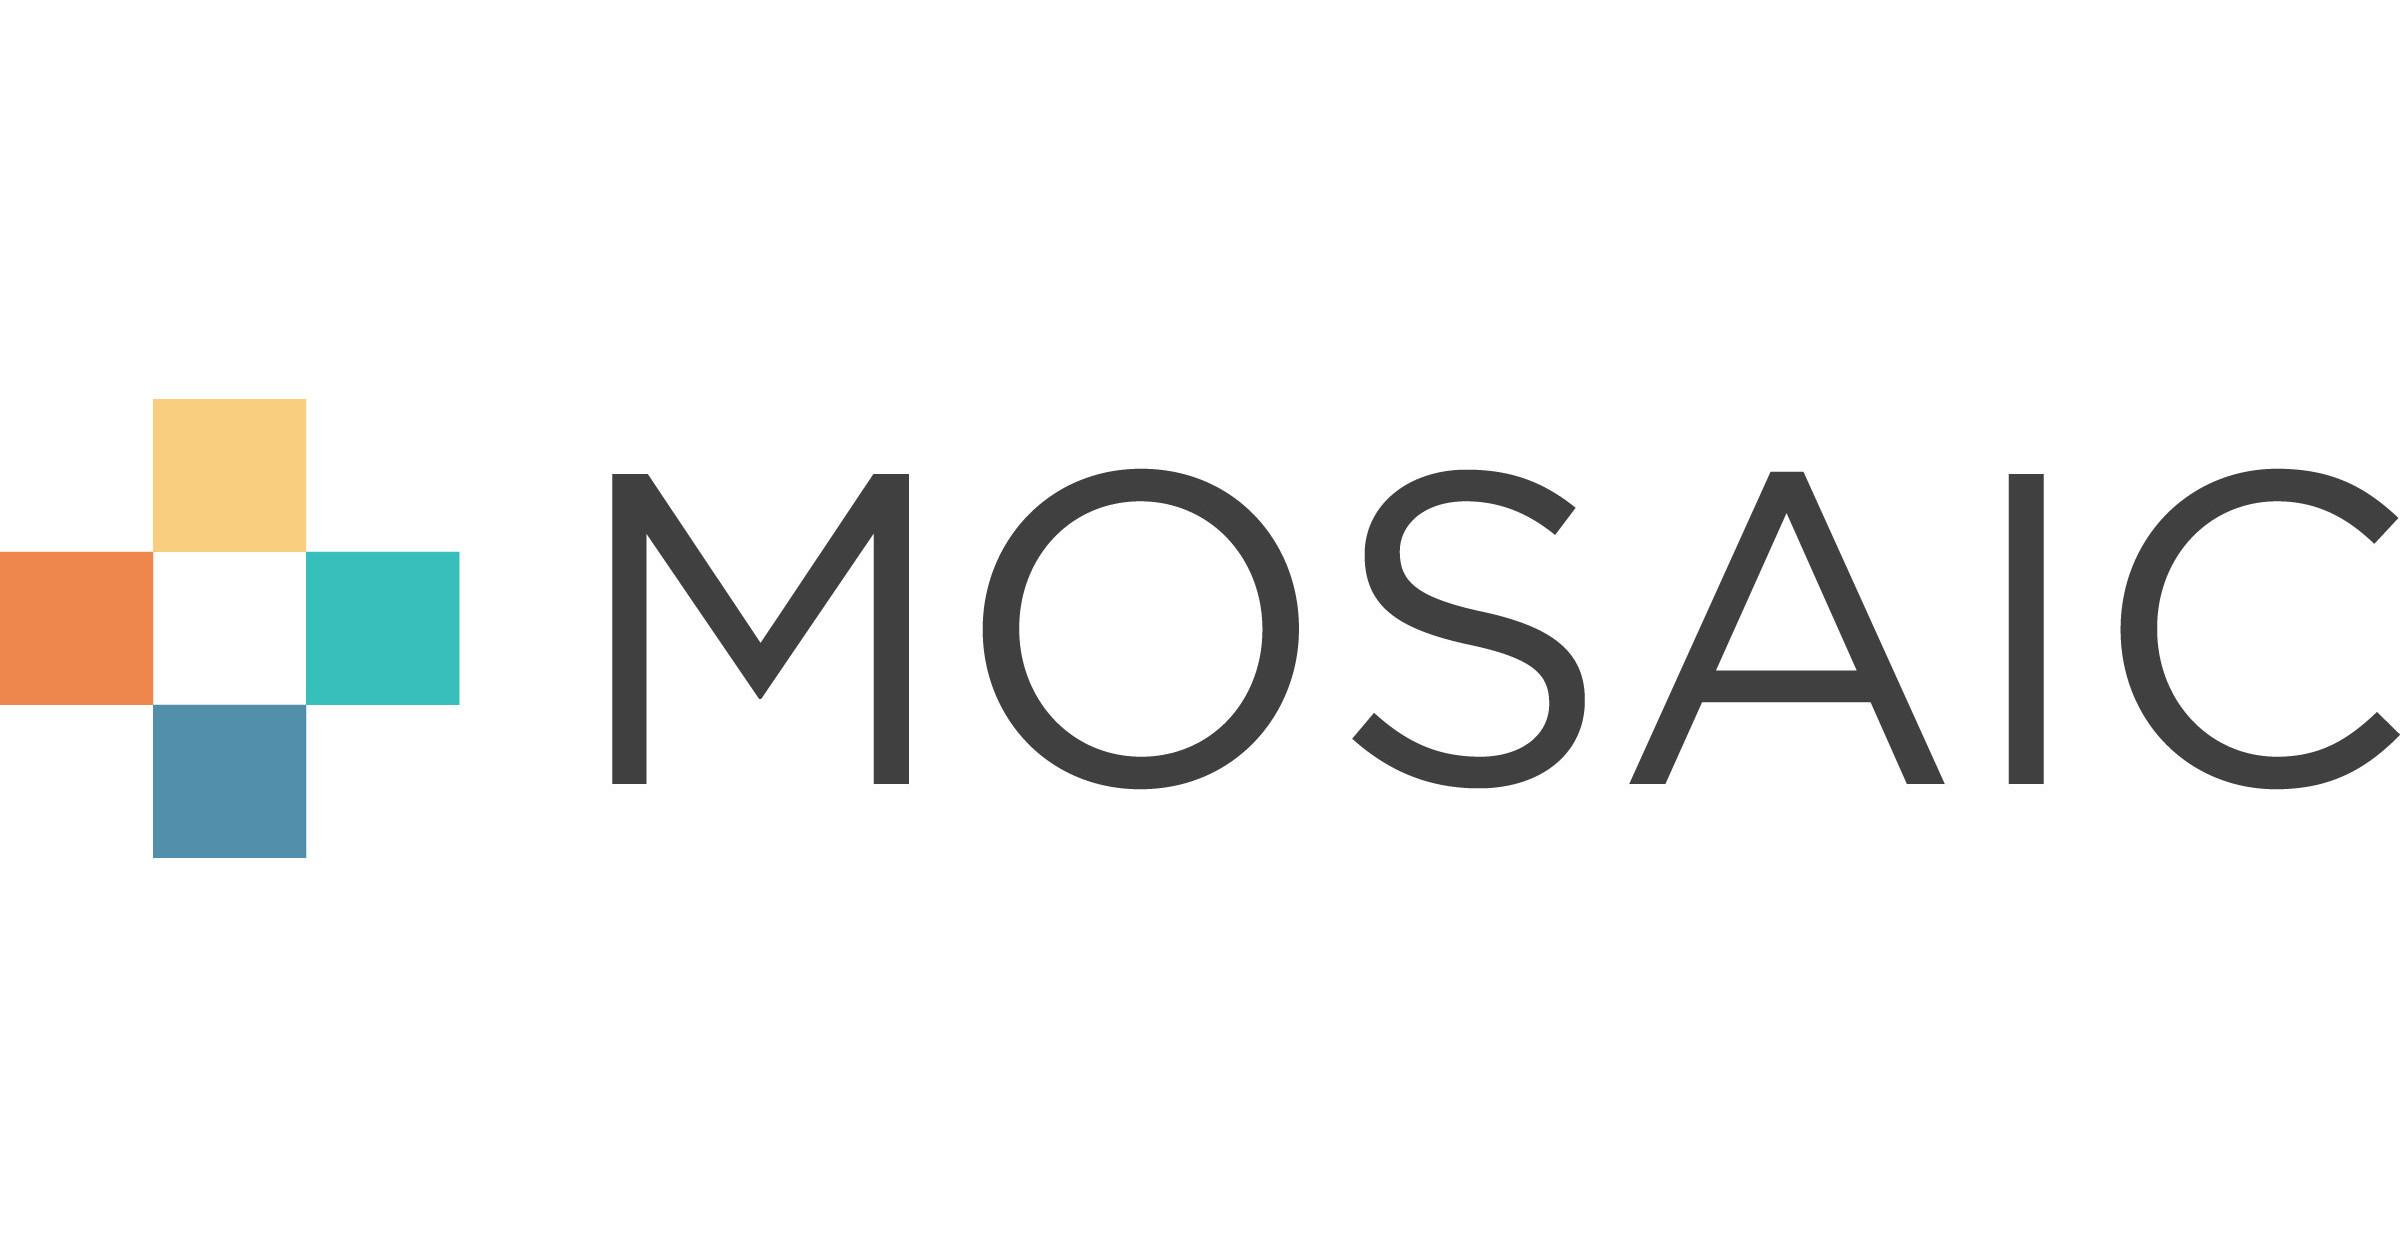 https://brattonsolar.com/wp-content/uploads/2021/07/Mosaic_Logo.jpg